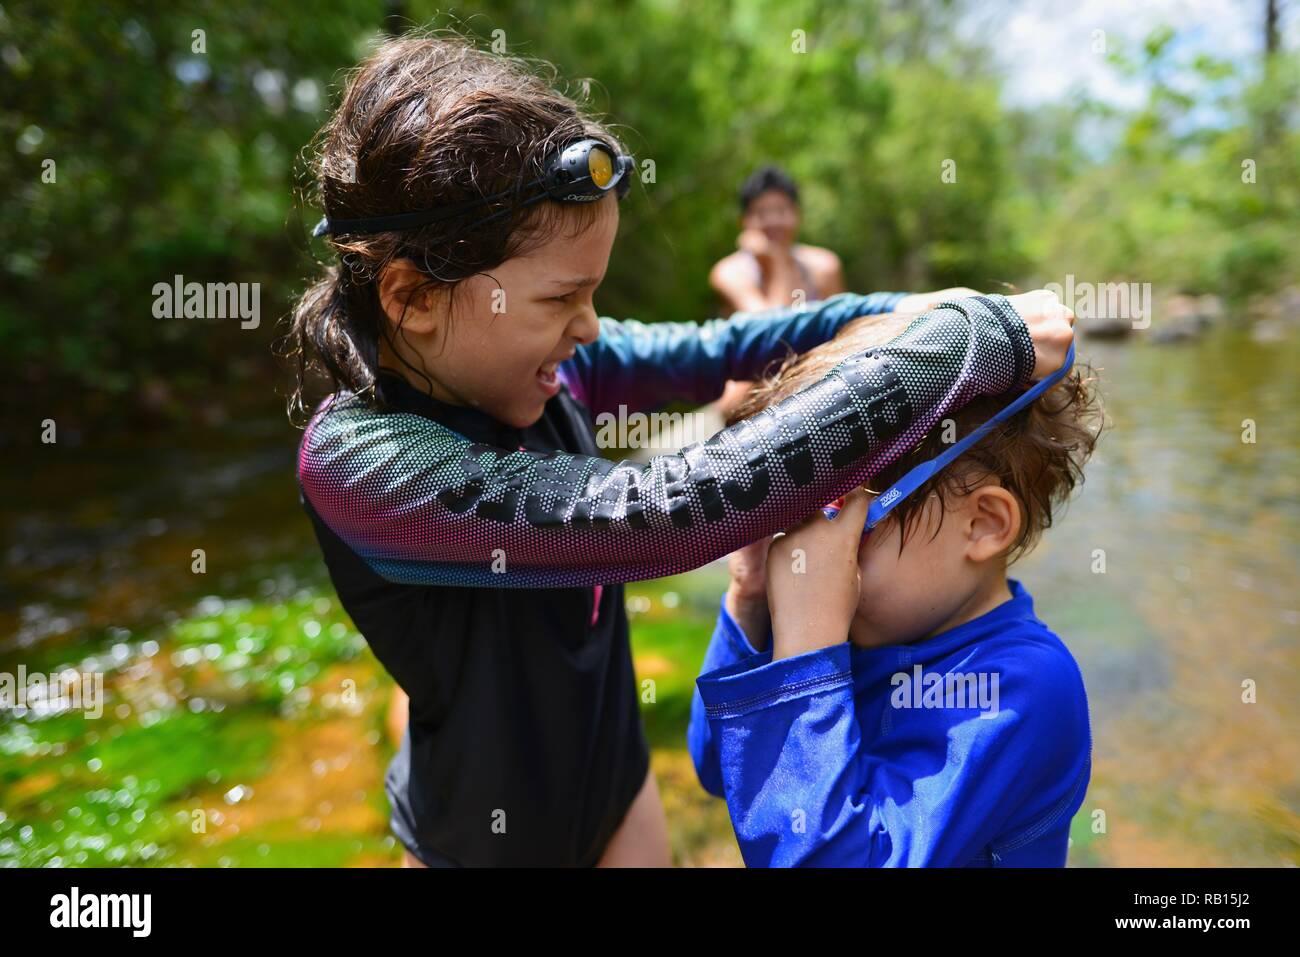 Una madre cuida a sus hijos nadar en un arroyo, Alligator Creek, Townsville, Queensland, Australia Foto de stock